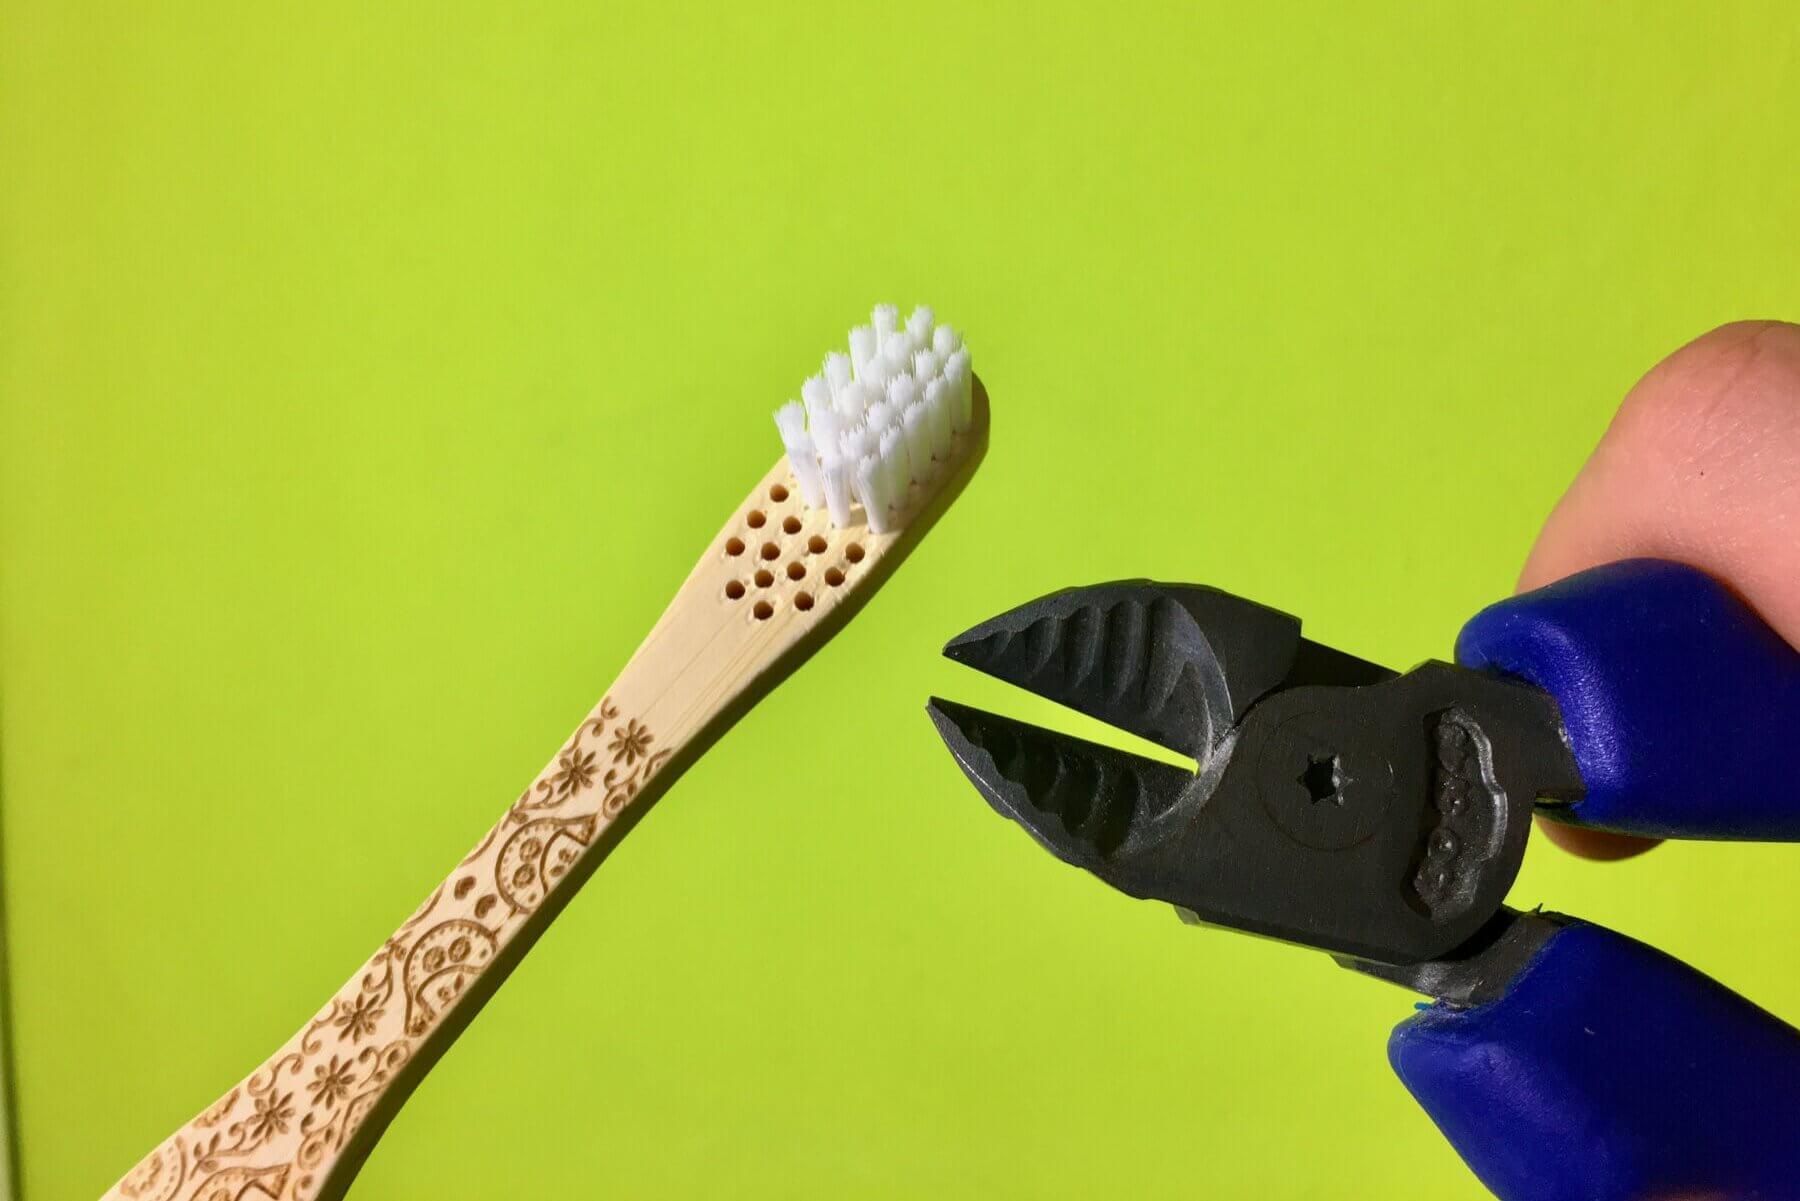 Ako zrecyklovať bambusovú zubnú kefku, recyklacia kefky, kde zahodiť bambusovu kefku